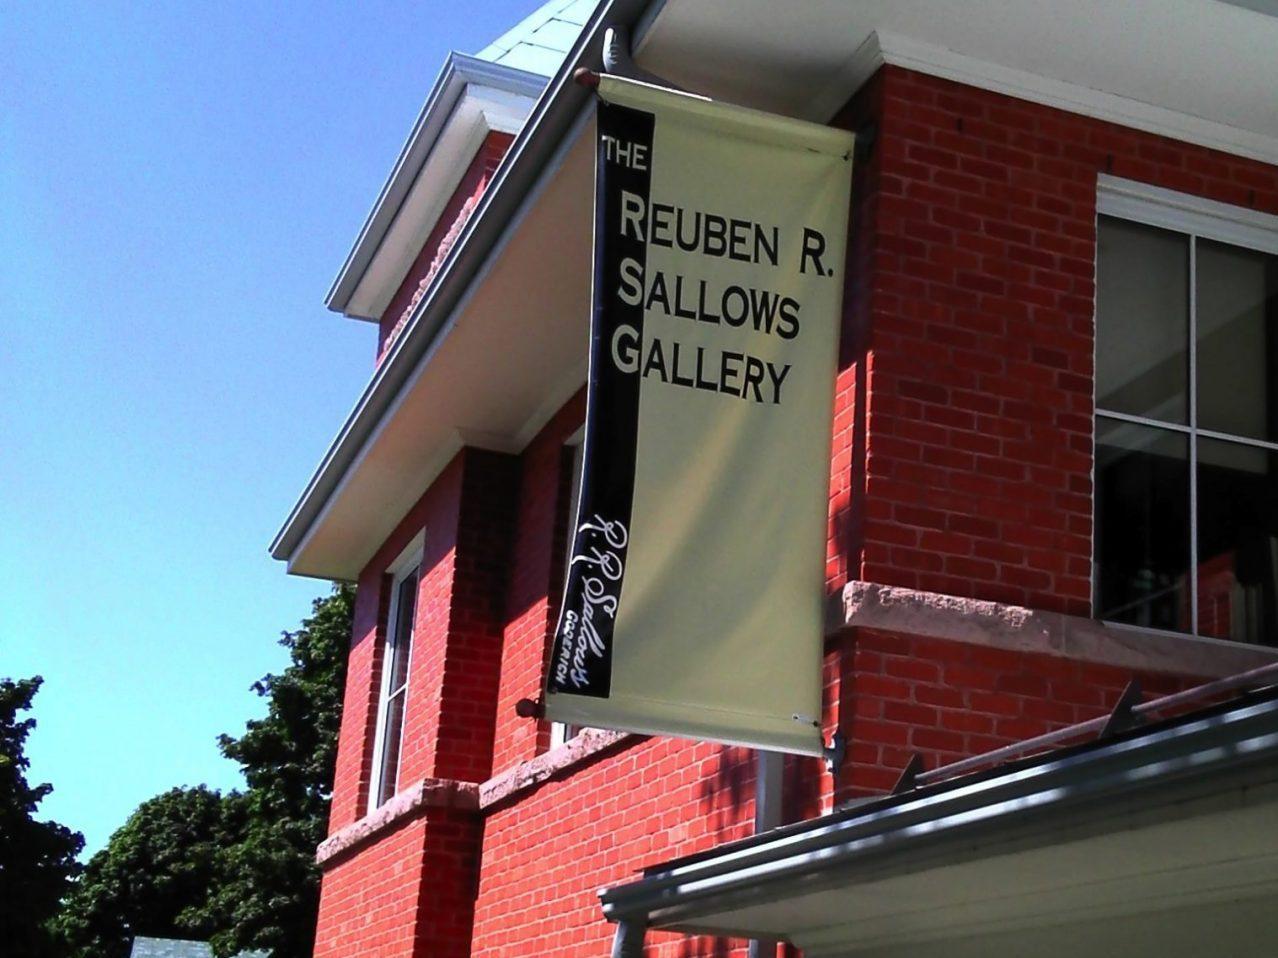 Reueben R. Sallows Gallery